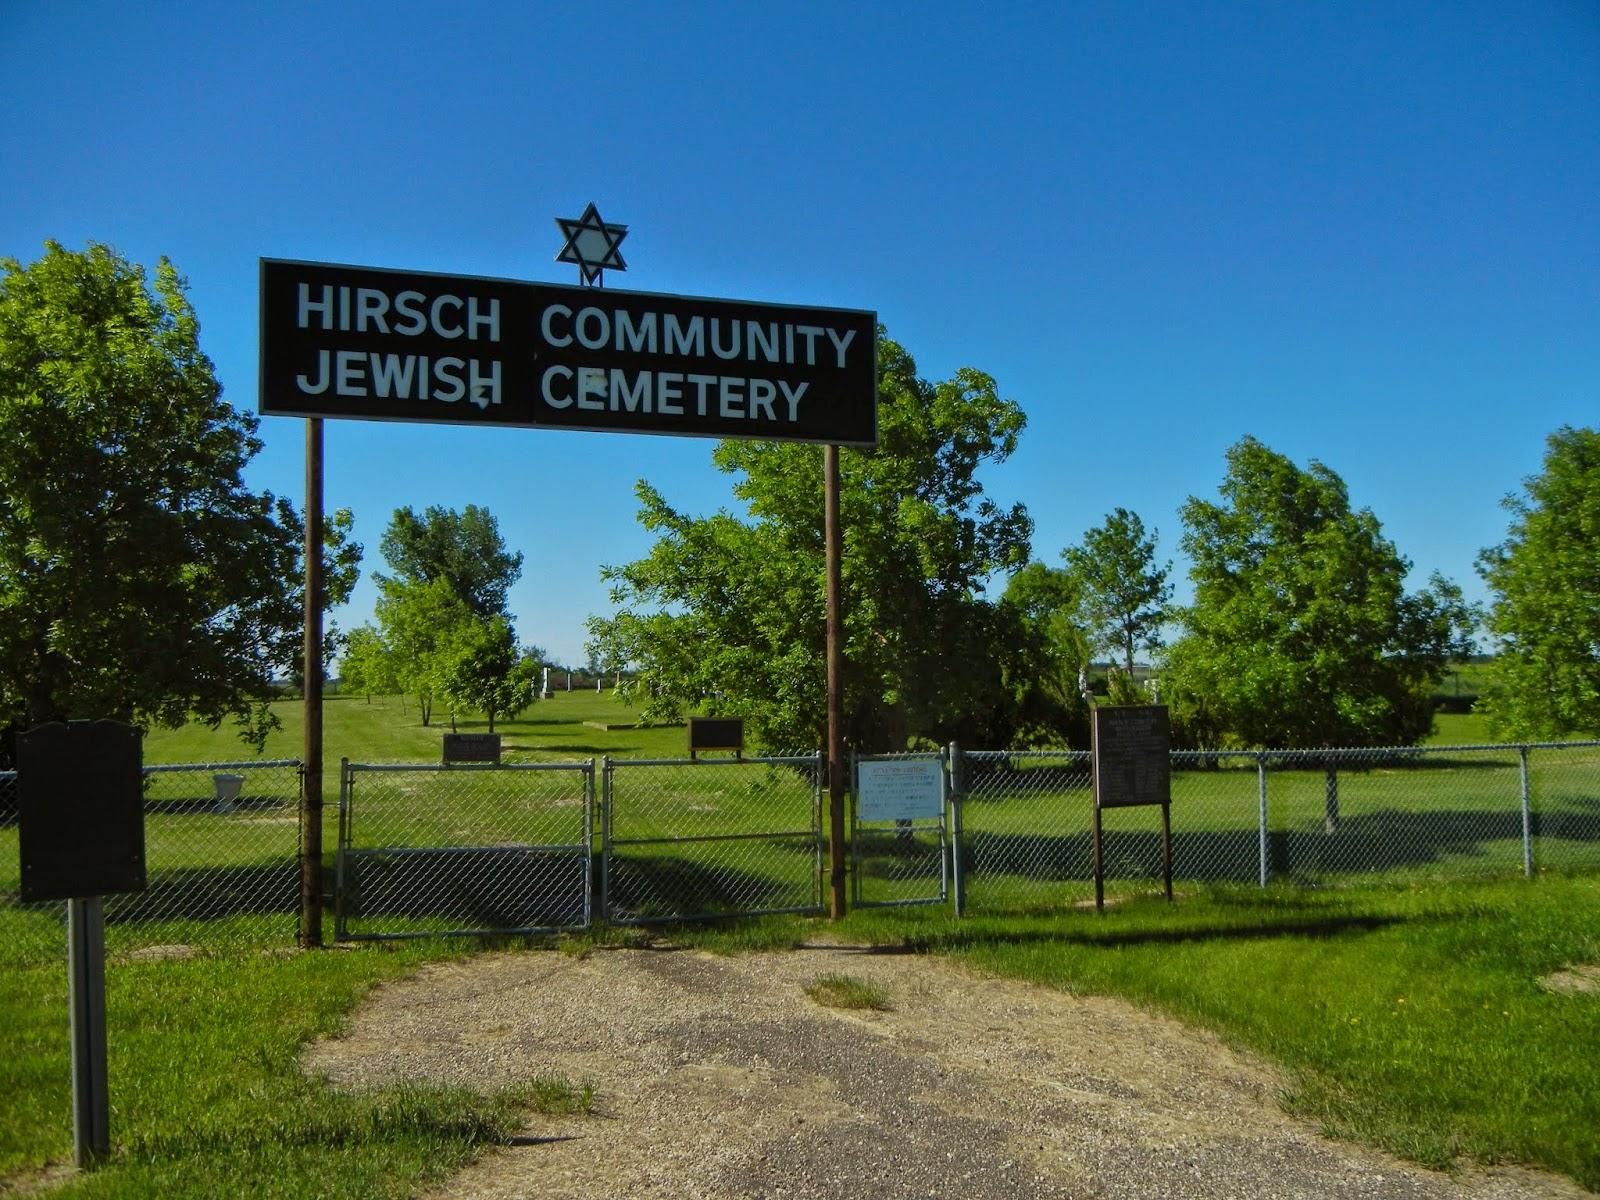 Hirsch Cemetery